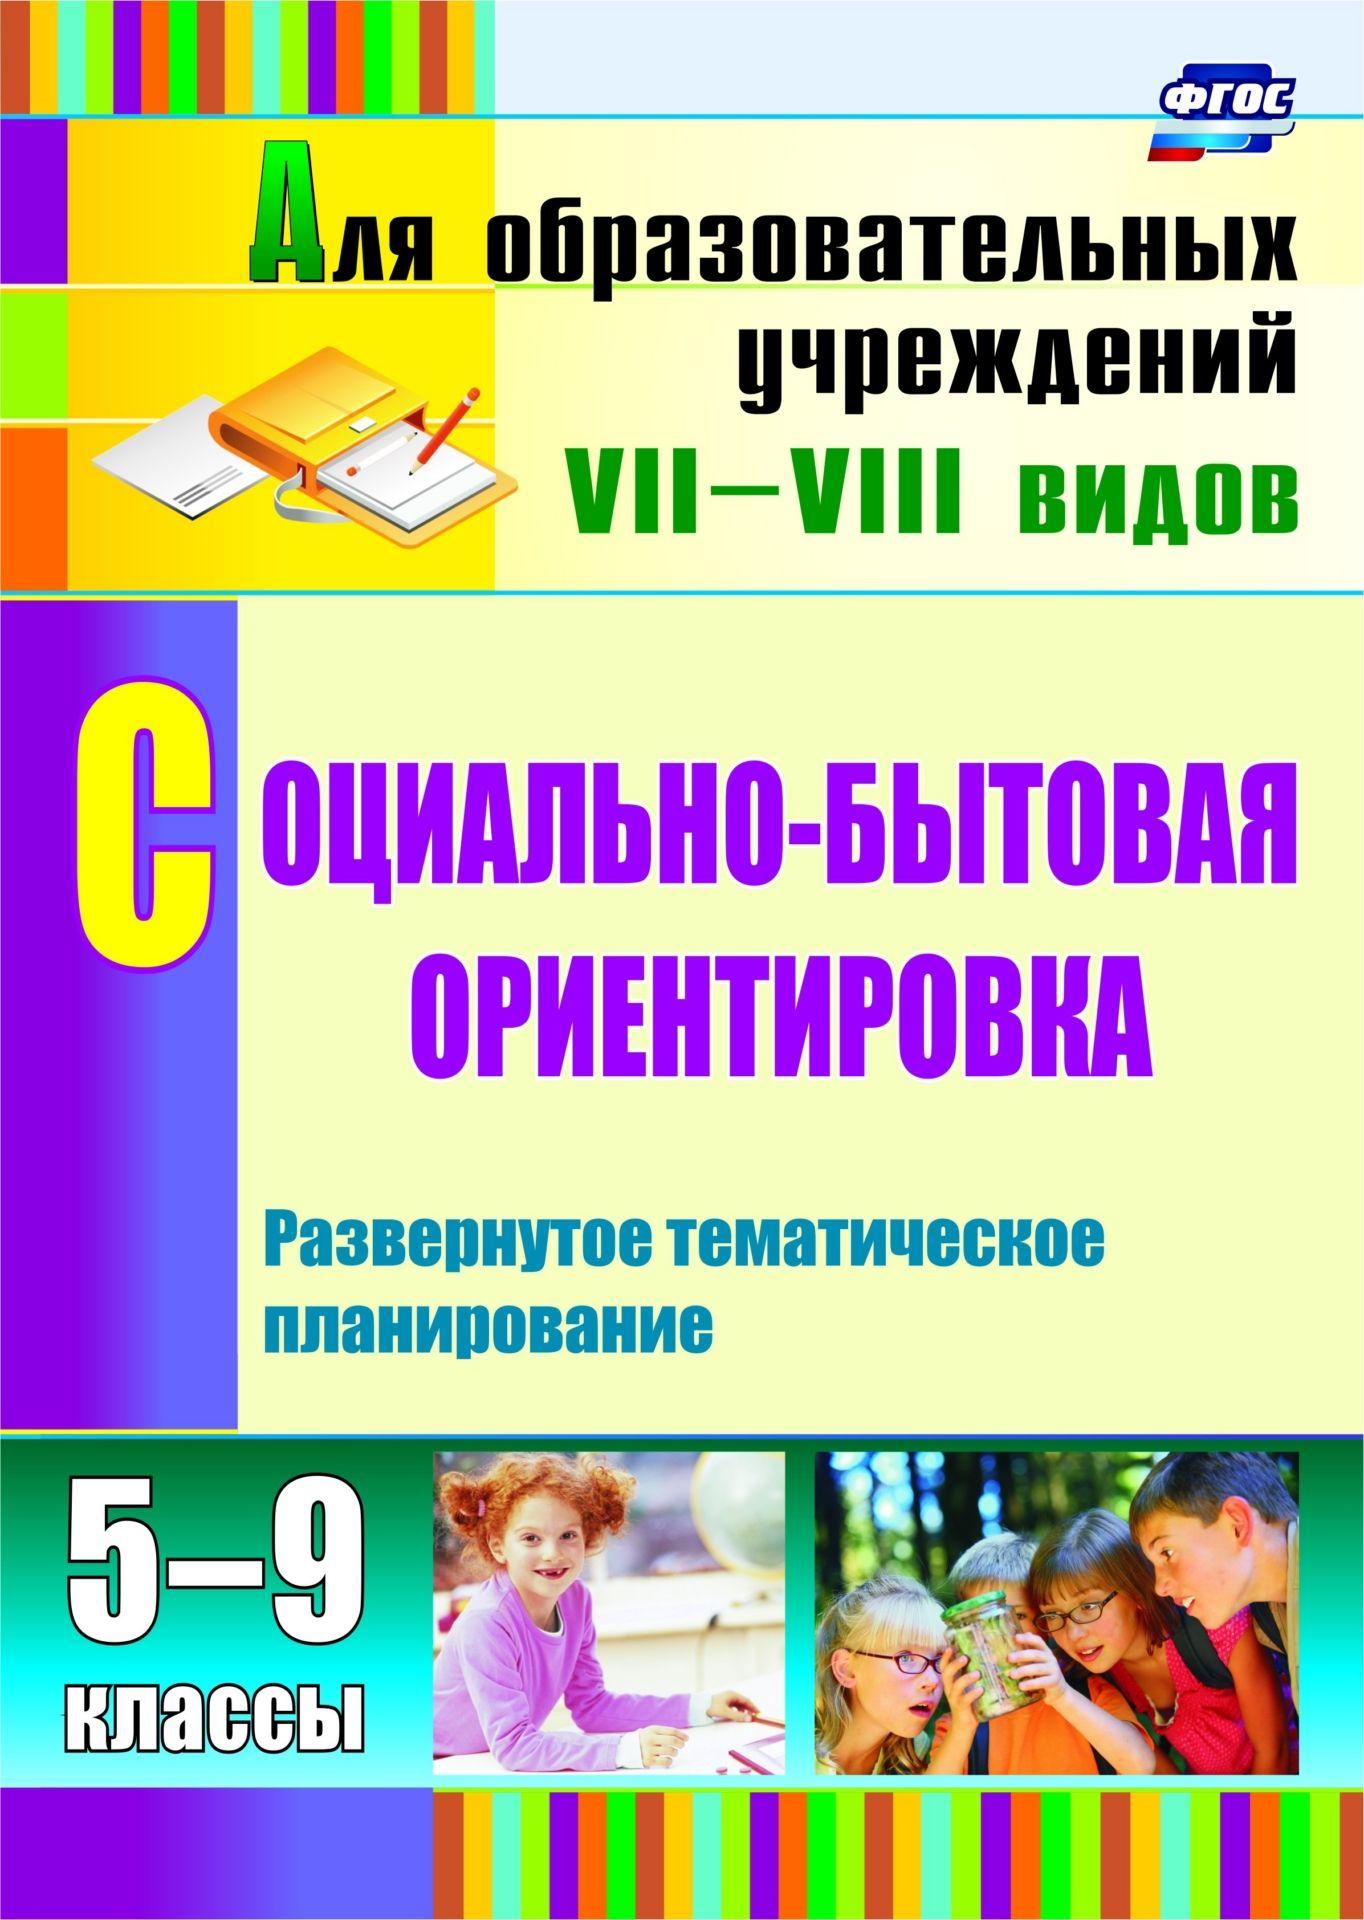 Коррекция речевых нарушений у детей 5-7 лет: игровые методы и приемы: пальчиковый тренинг, сопряженная гимнастика